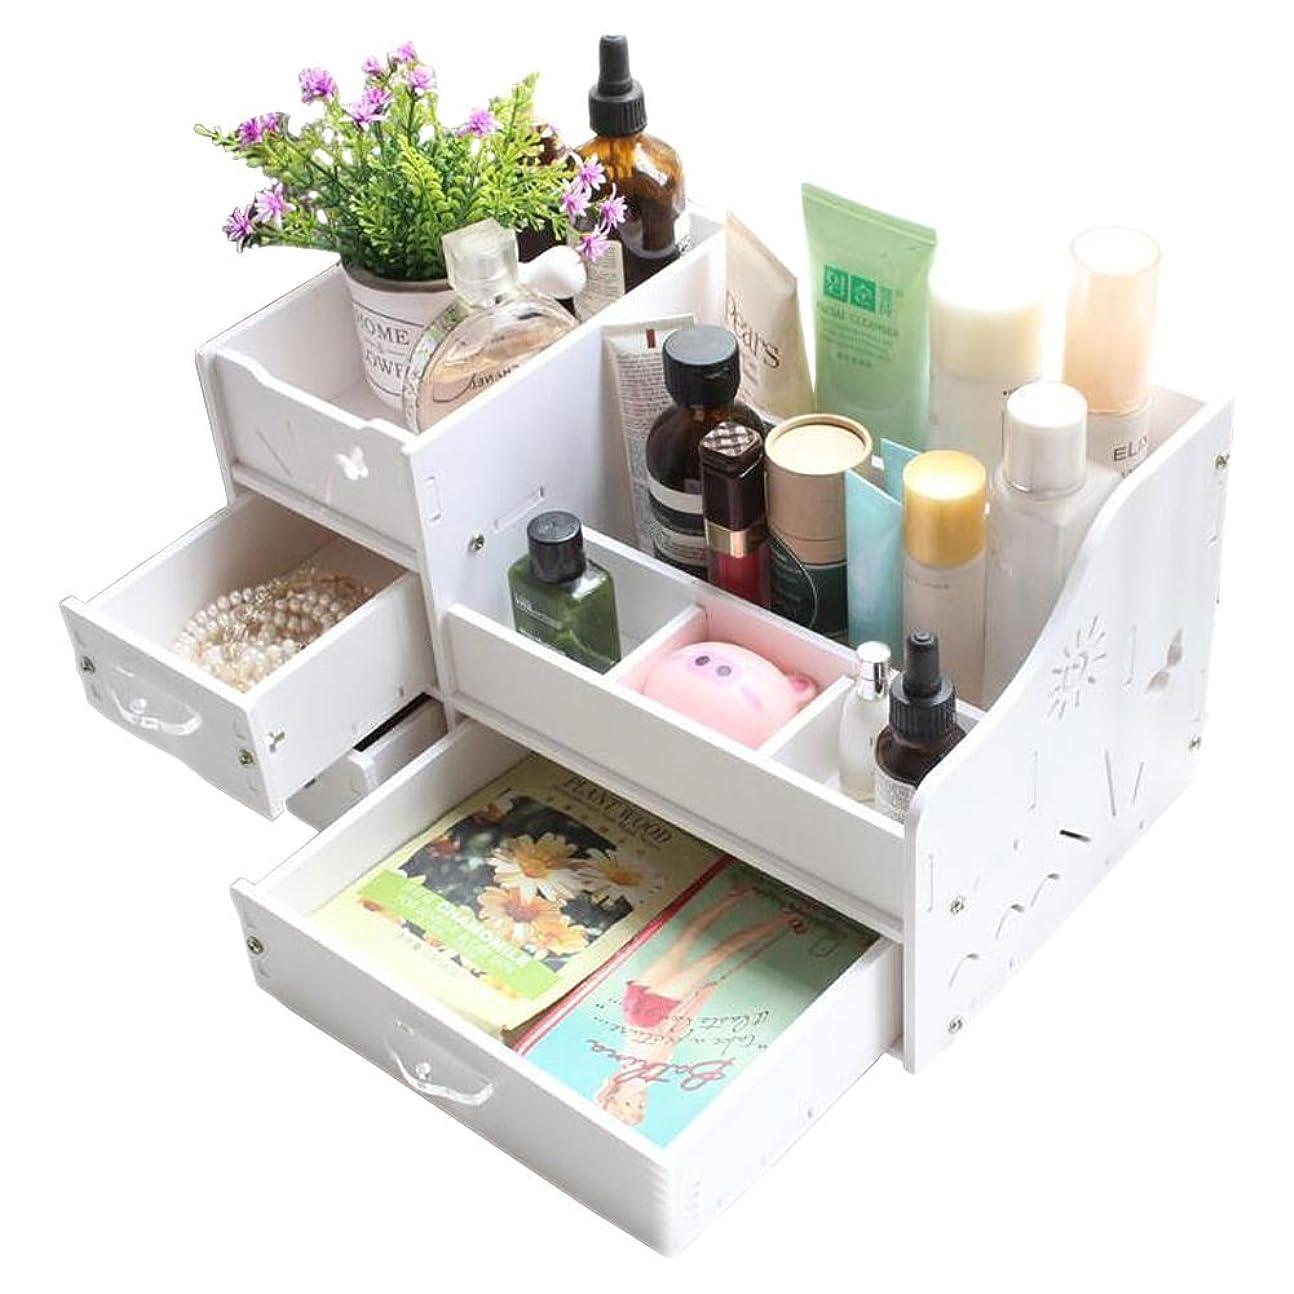 王室スローつかむINANA 収納ボックス メイクボックス コスメボックス ジュエリー ボックス アクセサリー ケース 収納 雑貨 小物入れ 化粧道具入れ 化粧品収納 便利 (ホワイト)